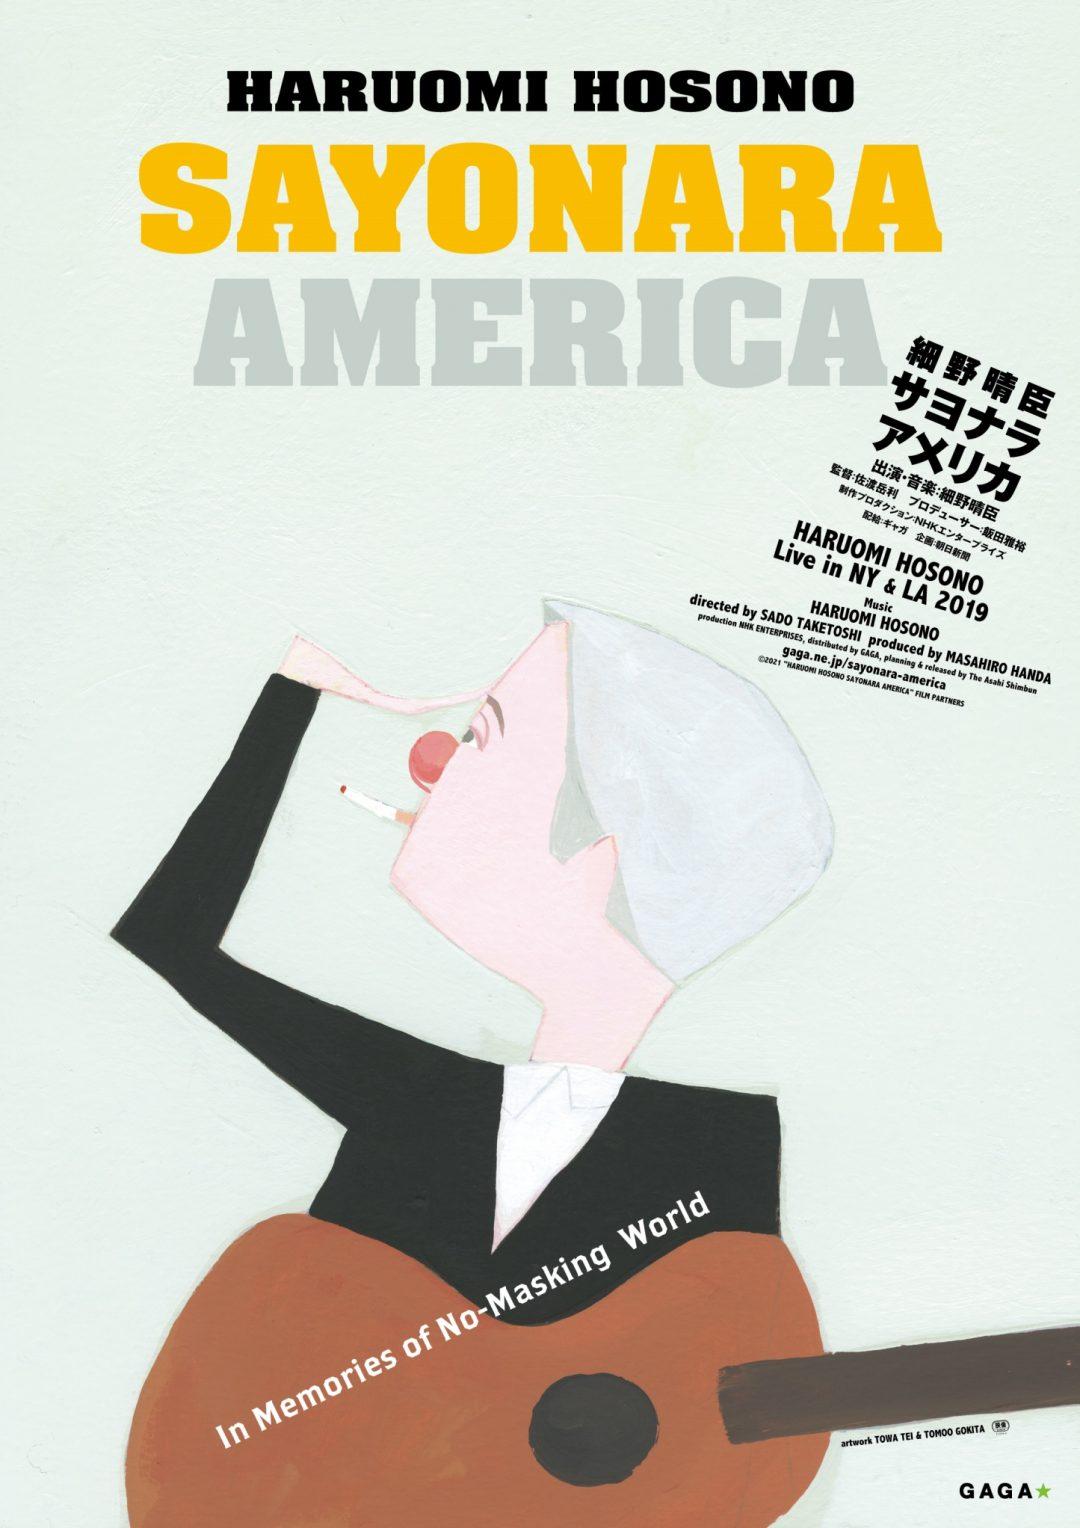 「住所不定無職低収入」など全17曲の楽曲で彩られる 細野晴臣のライブ・ドキュメンタリー映画『SAYONARA AMERICA』予告映像が公開